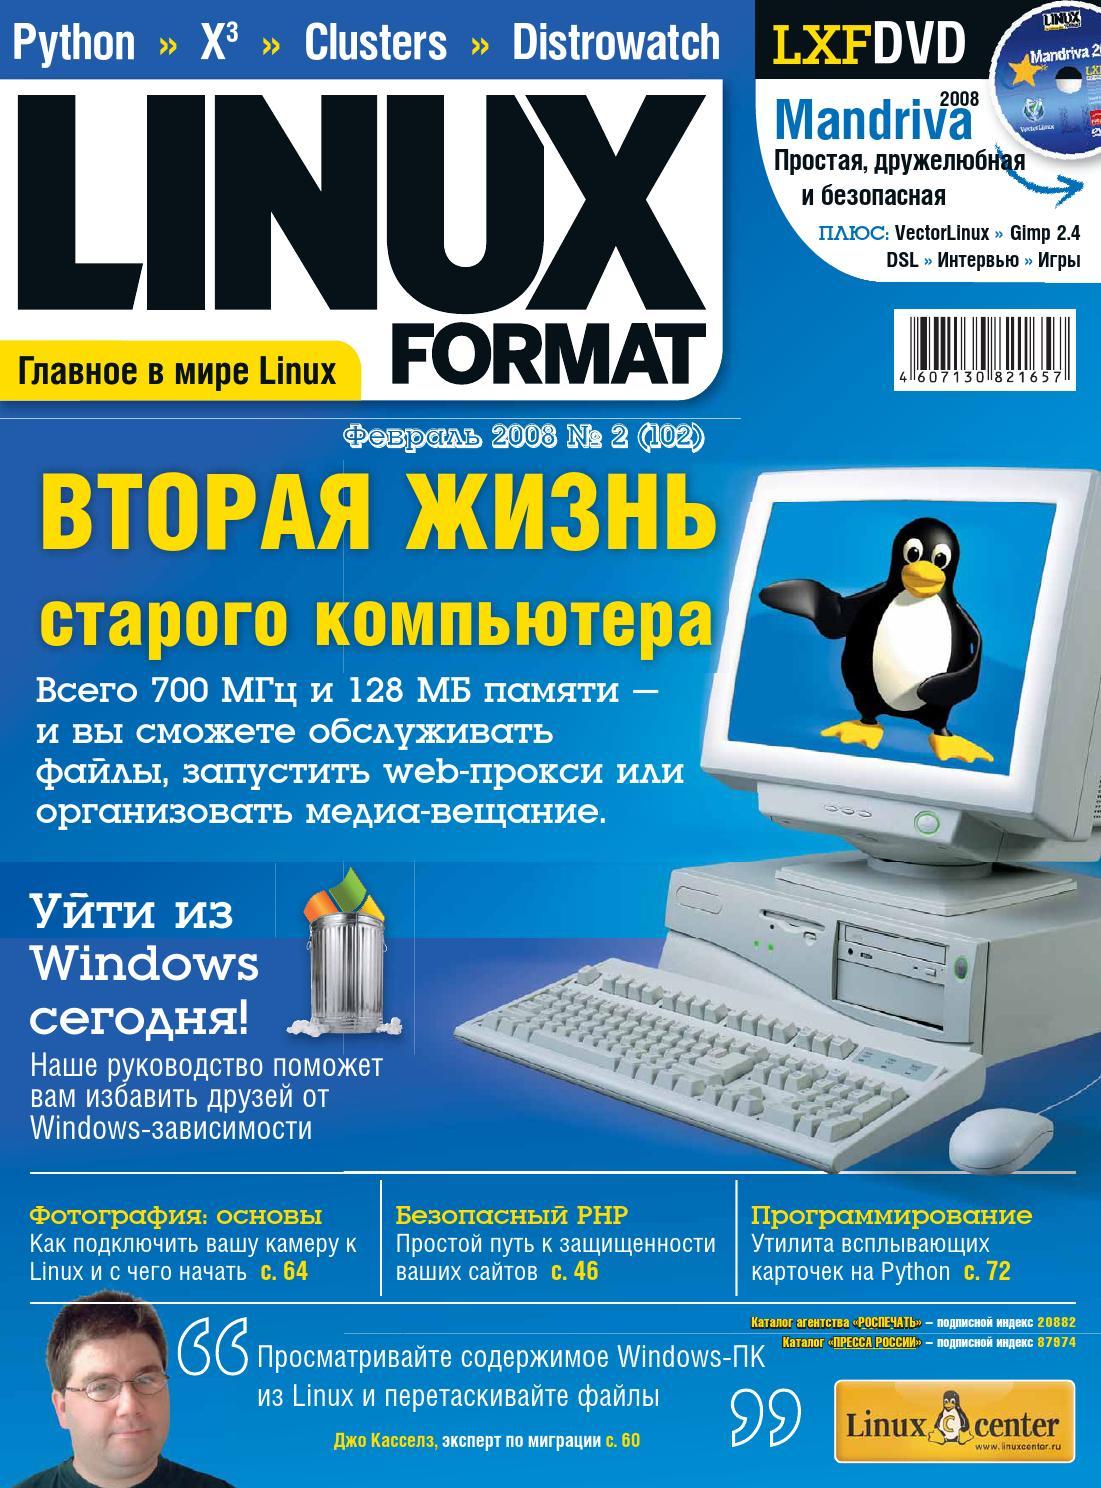 Белорусские Прокси Серверы Списки бесплатных открытых HTTP